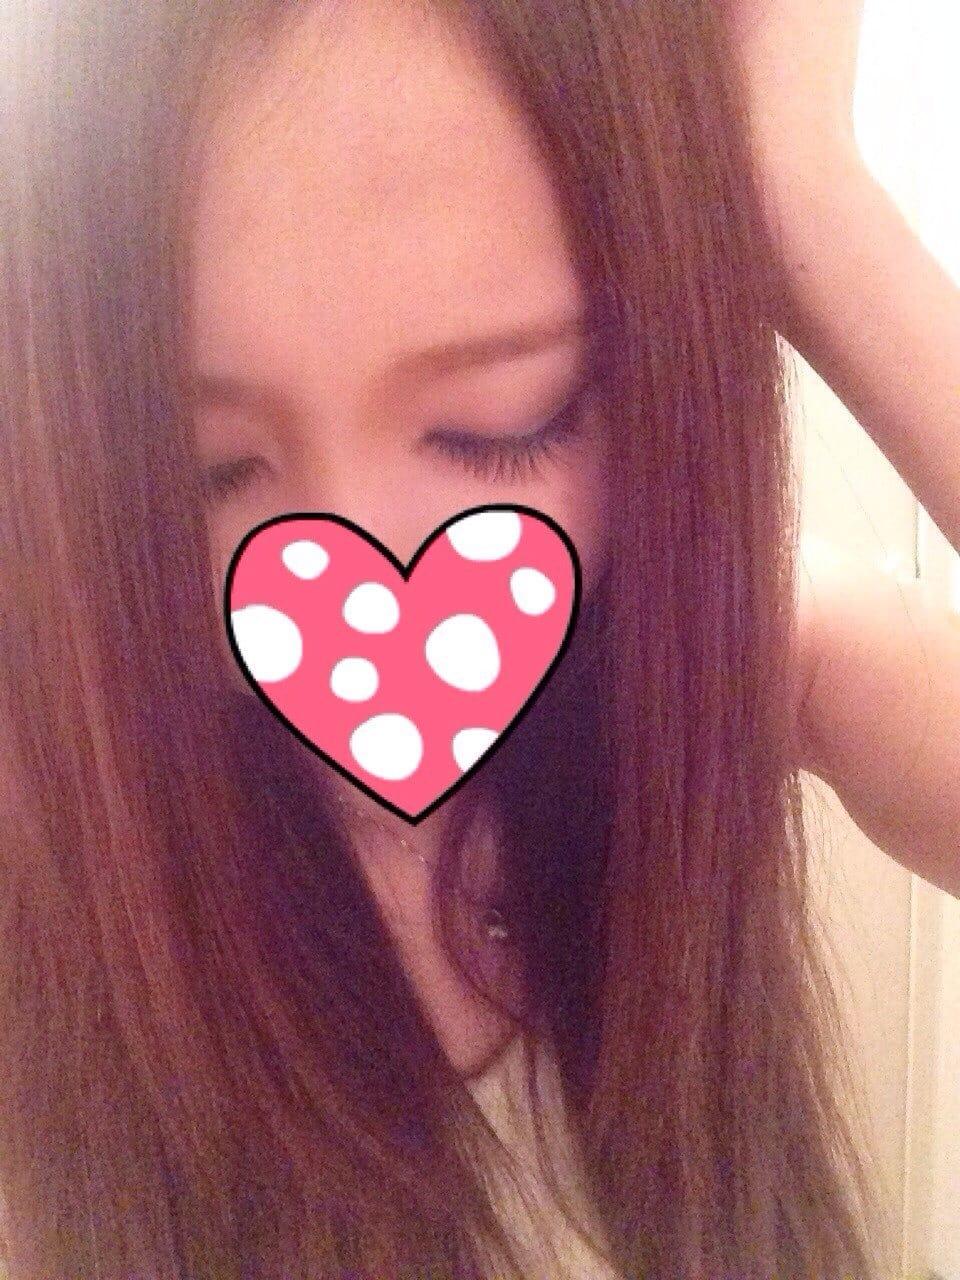 サリナ「おれいっ」12/12(火) 01:19 | サリナの写メ・風俗動画